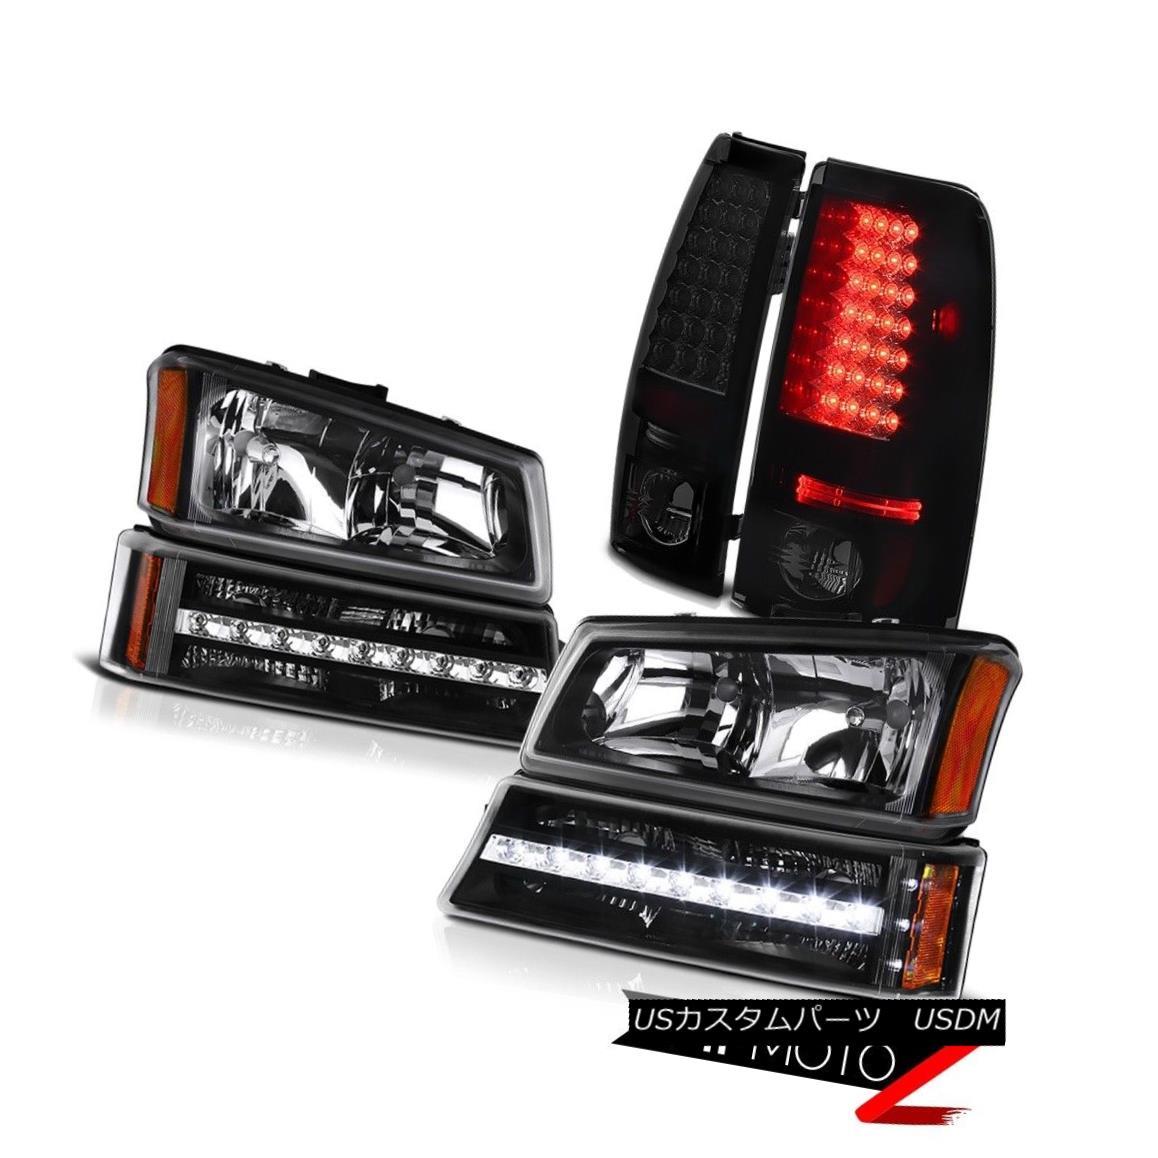 ヘッドライト 03 04 05 06 Silverado 1500 Dark tinted rear brake lights turn signal headlamps 03 04 05 06 Silverado 1500暗い色の後部ブレーキライトが信号ヘッドランプを回す